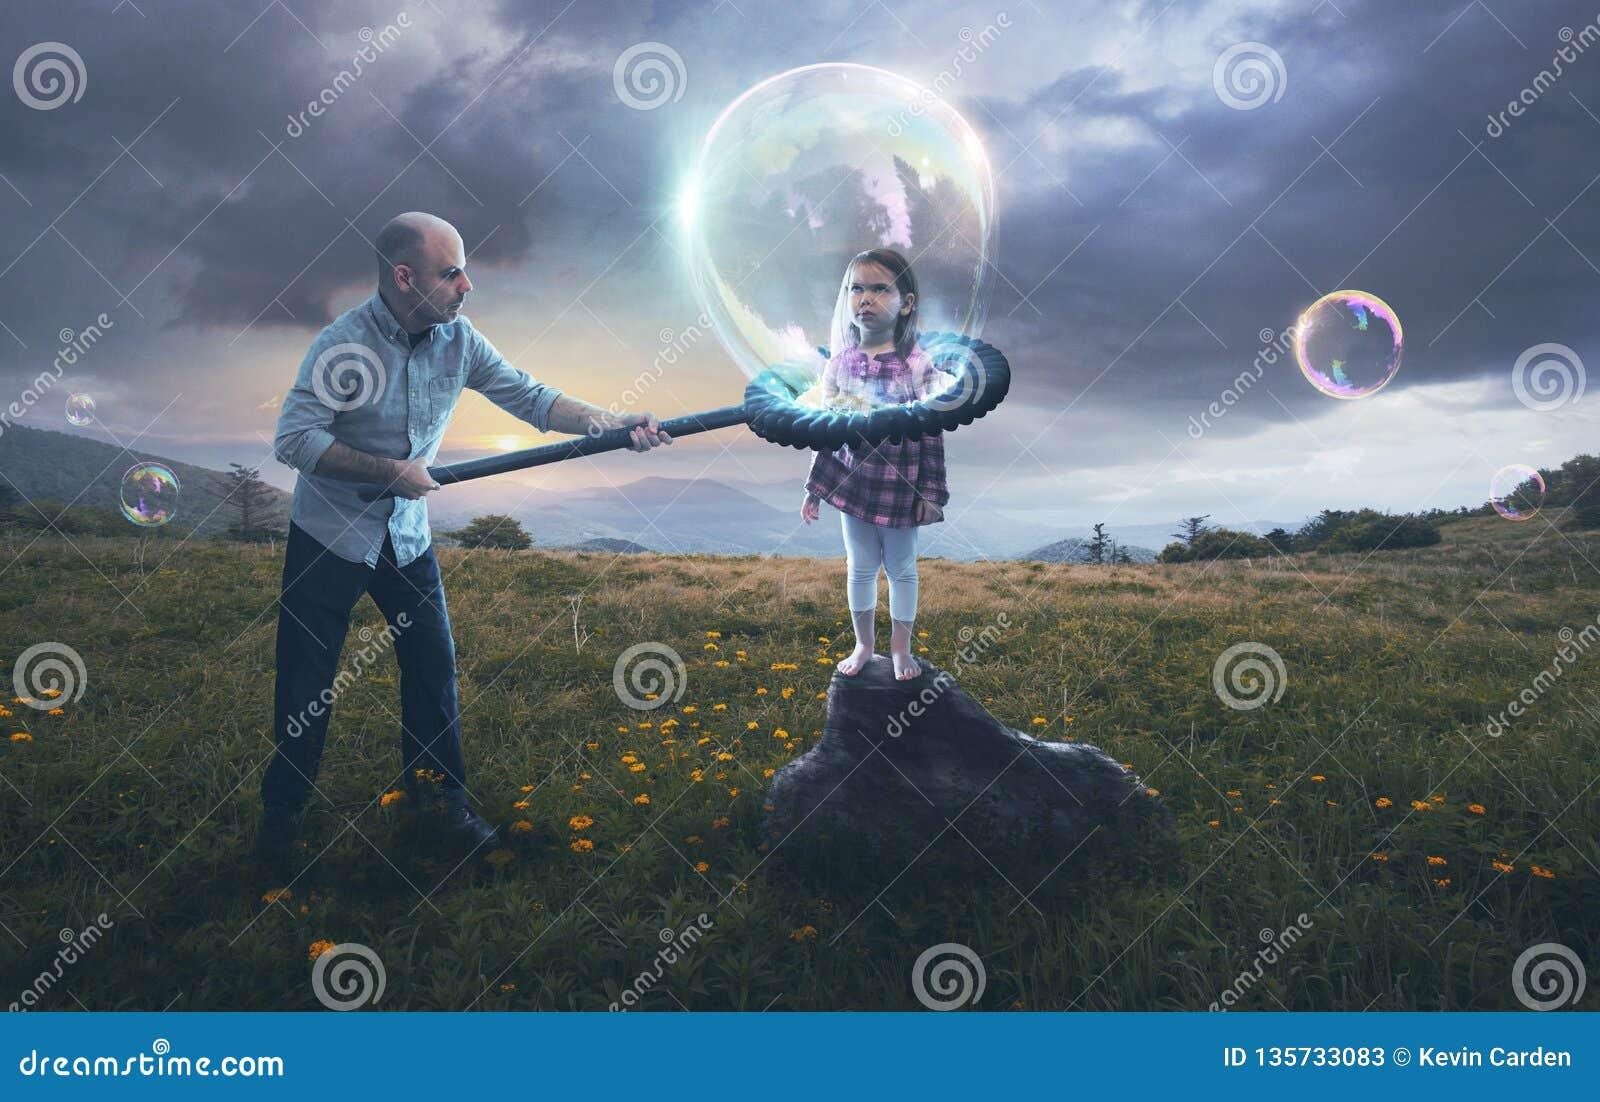 Отец кладя ребенка в пузырь